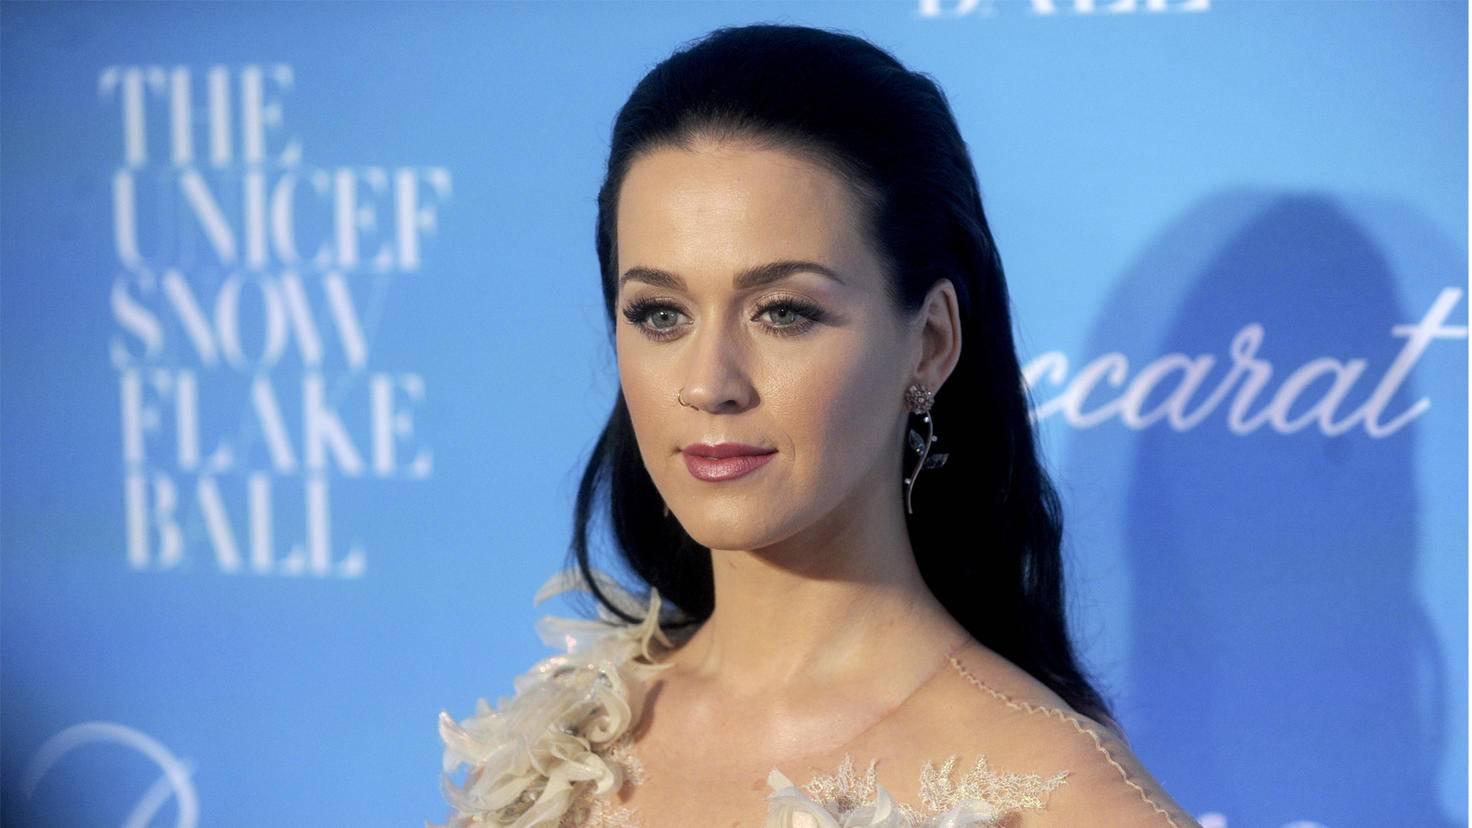 Versteckt die Nelken, Katy Perry ist auf Tour!